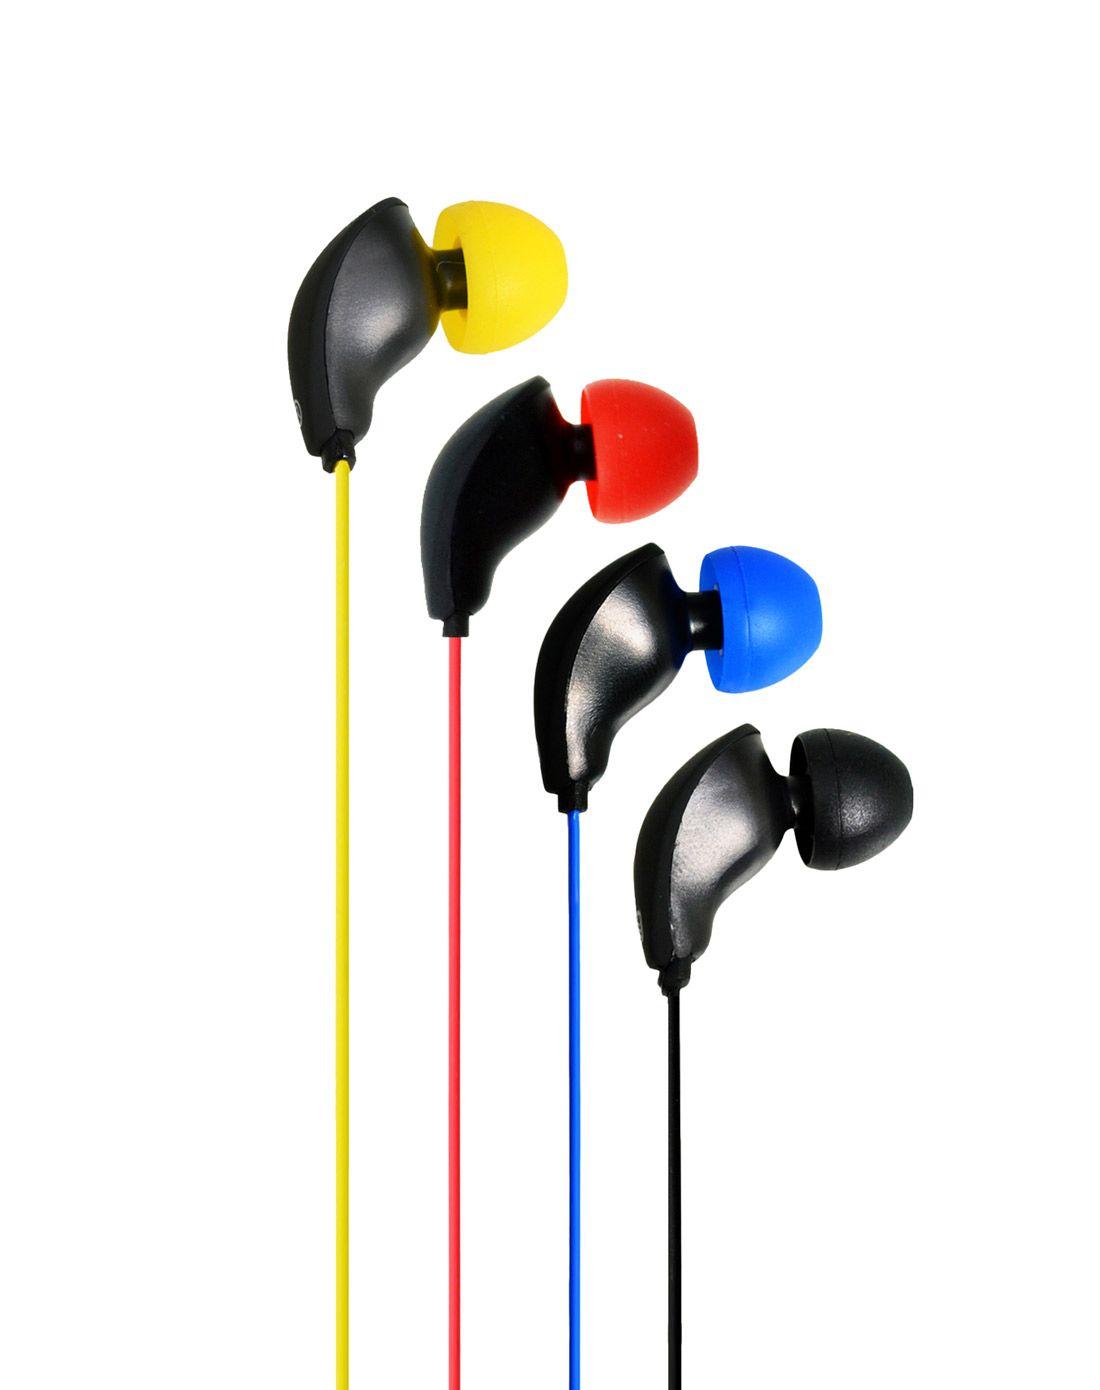 入耳式立体声耳机